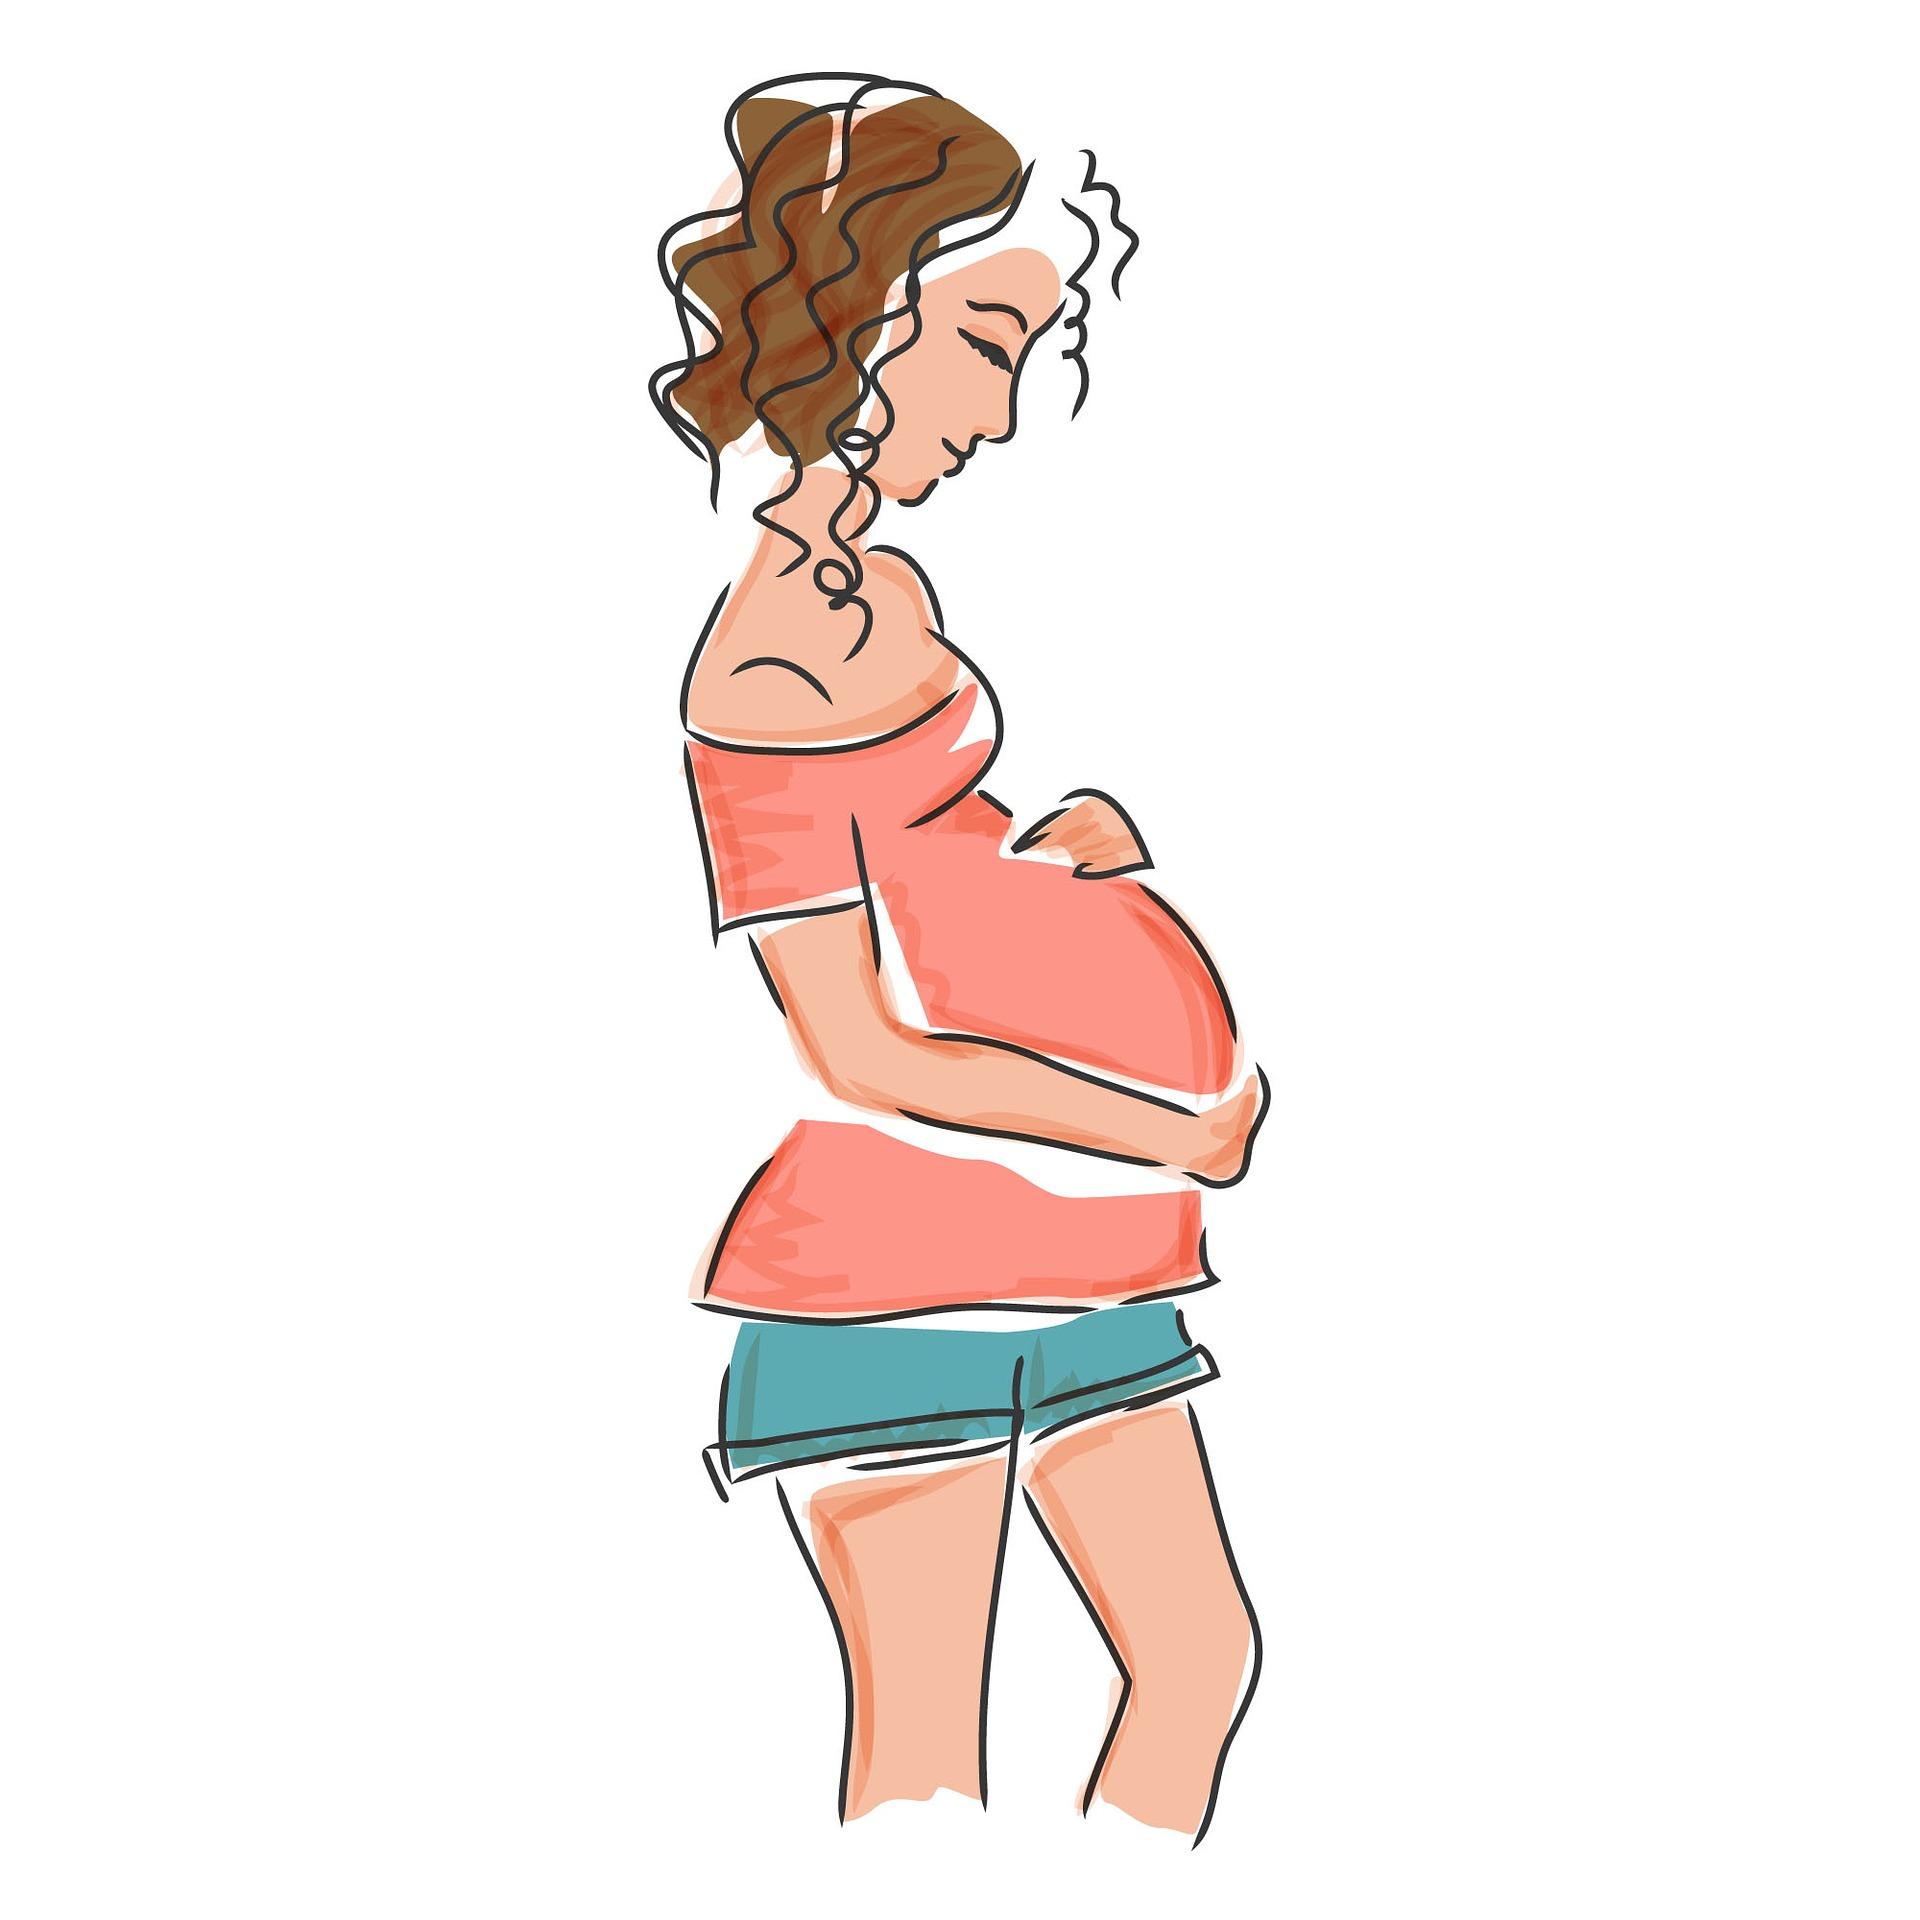 Zeichnung einer schwangeren Frau